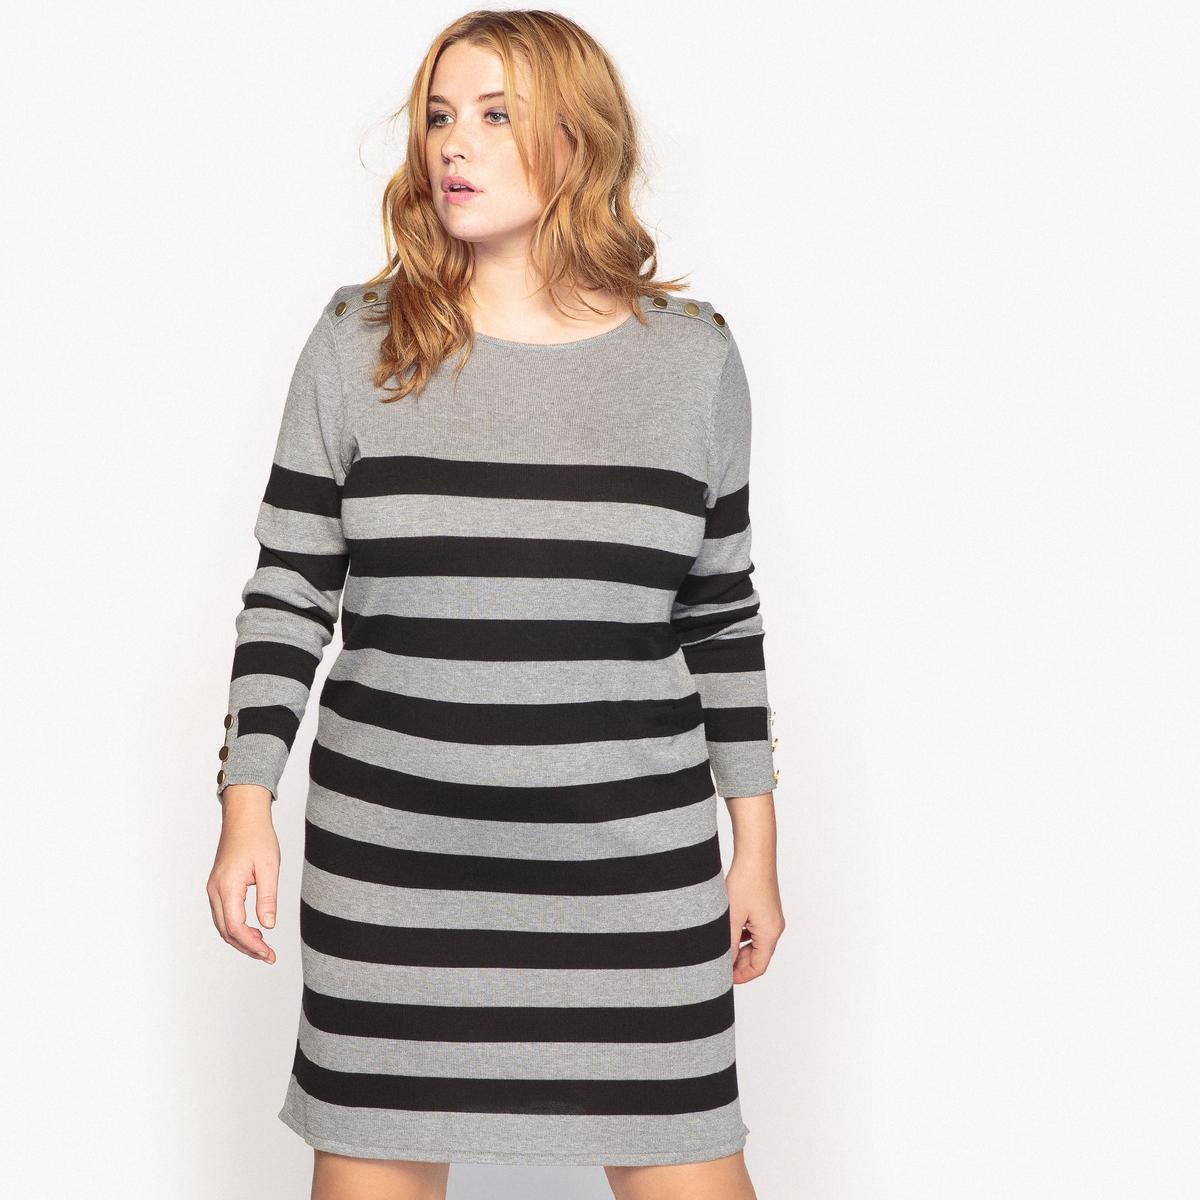 Платье-пуловер в широкую полоскуОписание:Платье-пуловер снова в моде. Очень стильное платье-пуловер в широкую полоску.Детали •  Форма : платье-пуловер •  Длина до колен •  Длинные рукава    •  Круглый вырезСостав и уход •  60% вискозы, 40% хлопка •  Температура стирки 40° на деликатном режиме   • Средняя температура глажки / не отбеливать     •  Не использовать барабанную сушку   • Сухая чистка запрещенаТовар из коллекции больших размеров •  Длина : 96 см.<br><br>Цвет: серый меланж/черный<br>Размер: 54/56 (FR) - 60/62 (RUS)